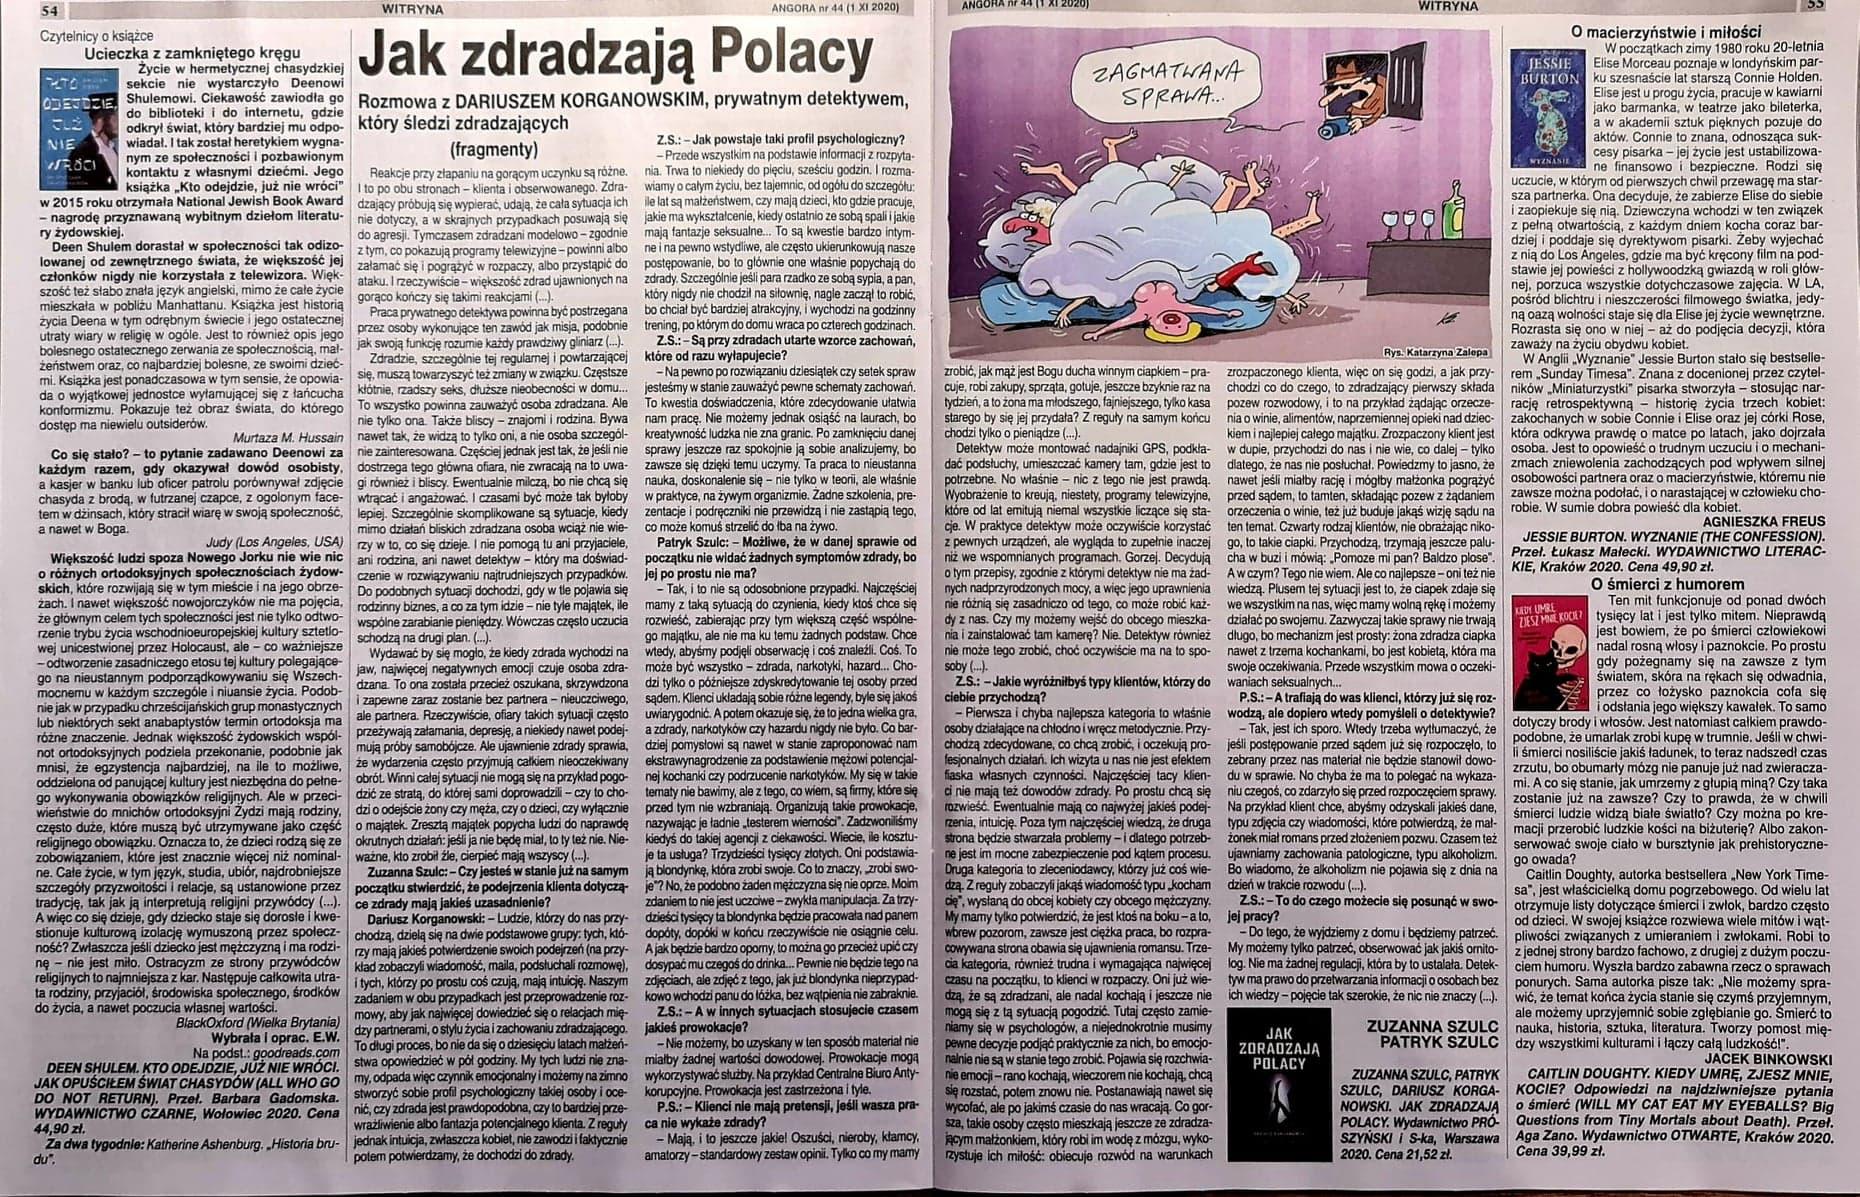 Jak zdradzają Polacy – Angora.pl